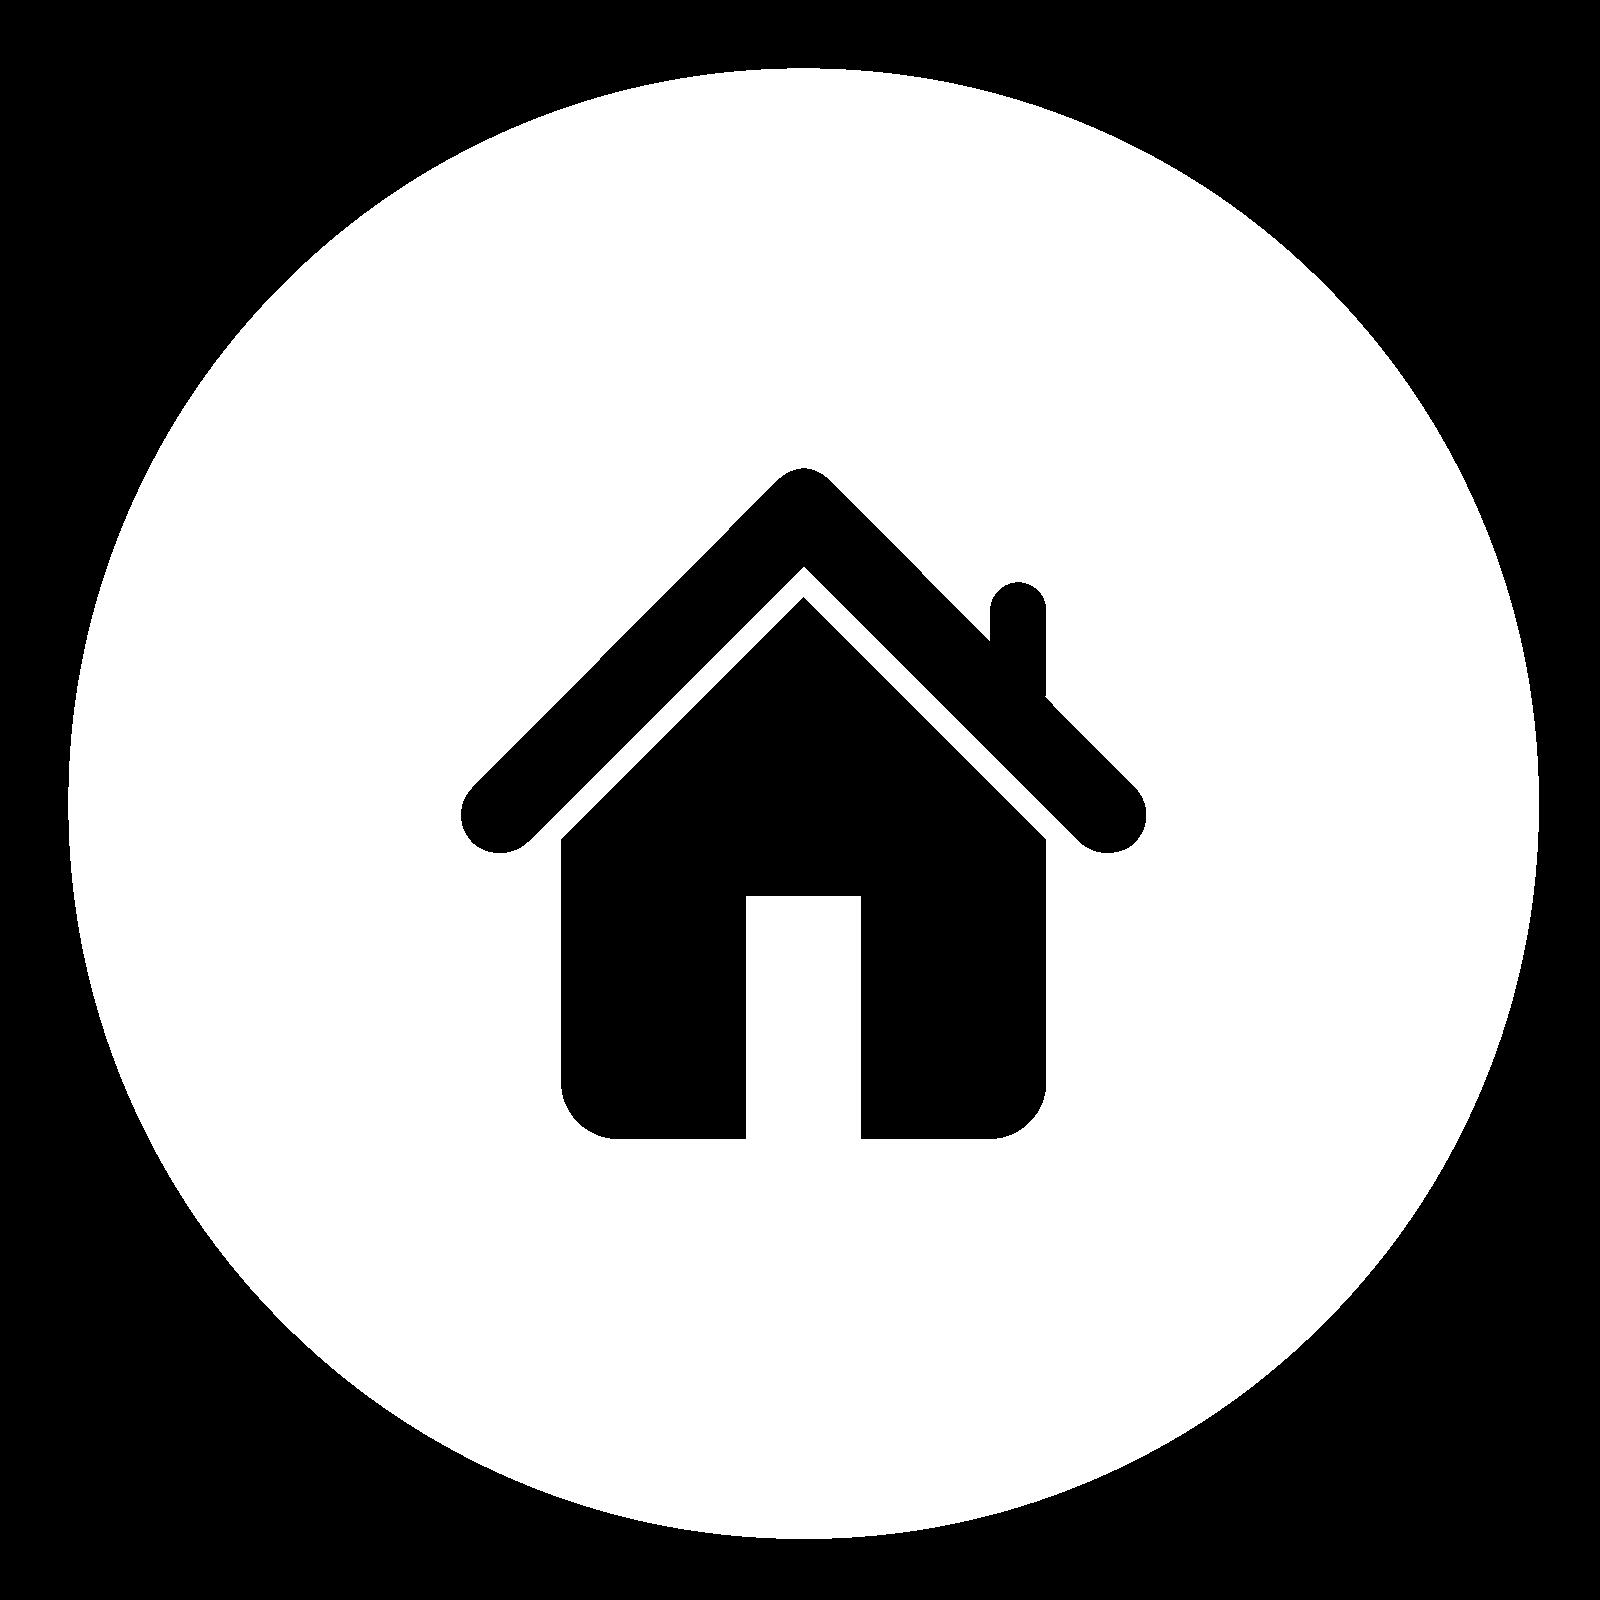 RT-RK simbol